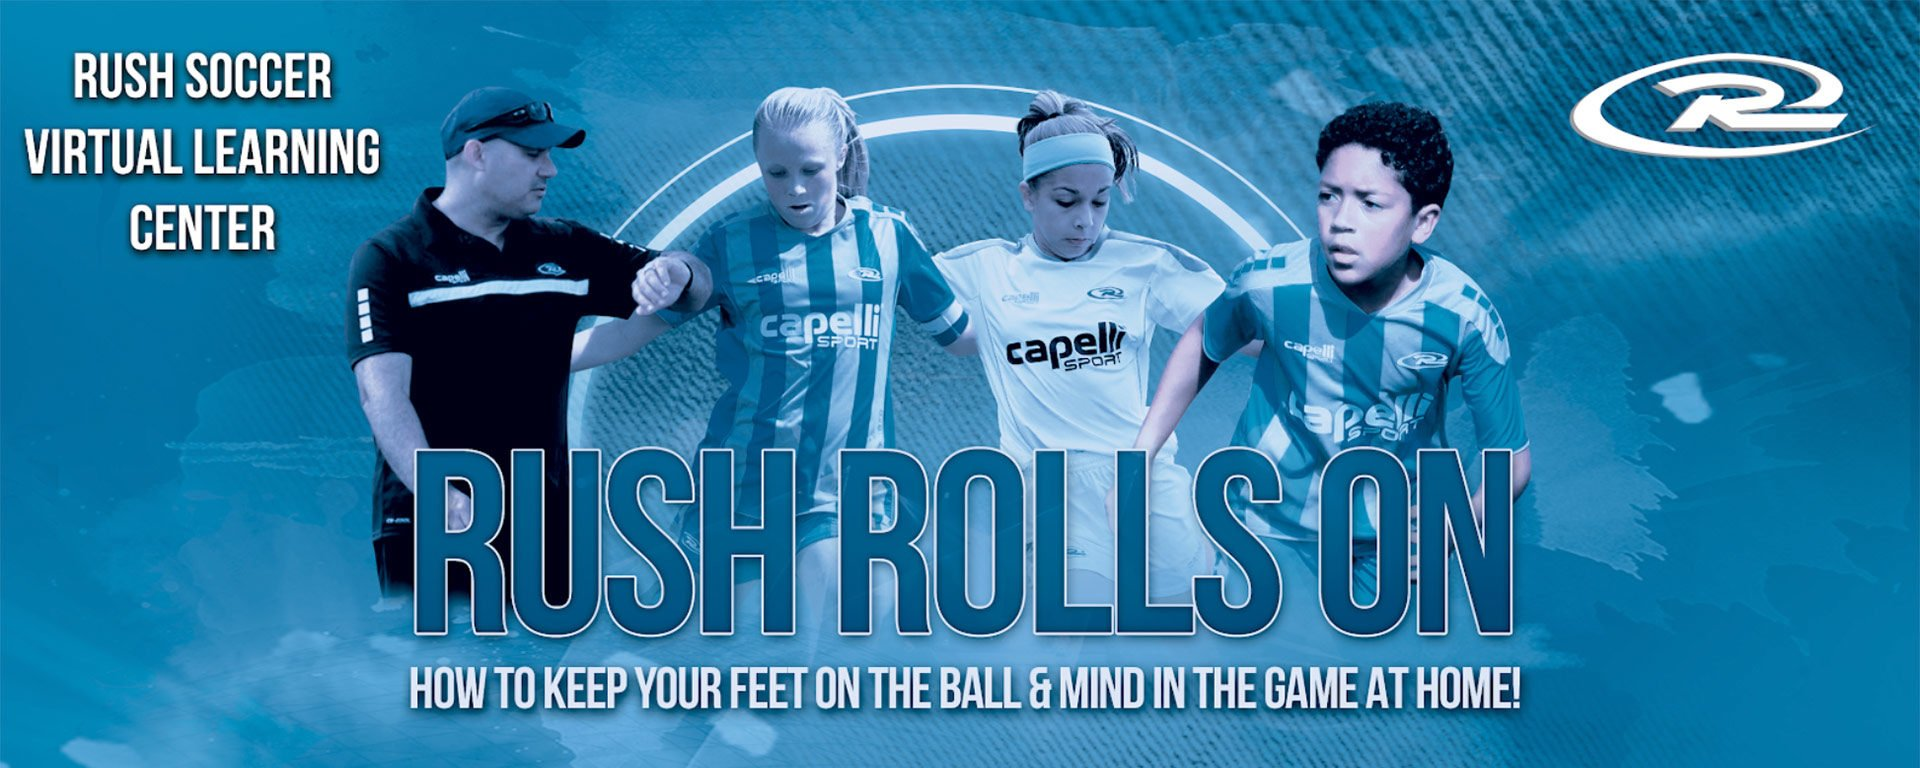 Rush Soccer Virtual Learning Center